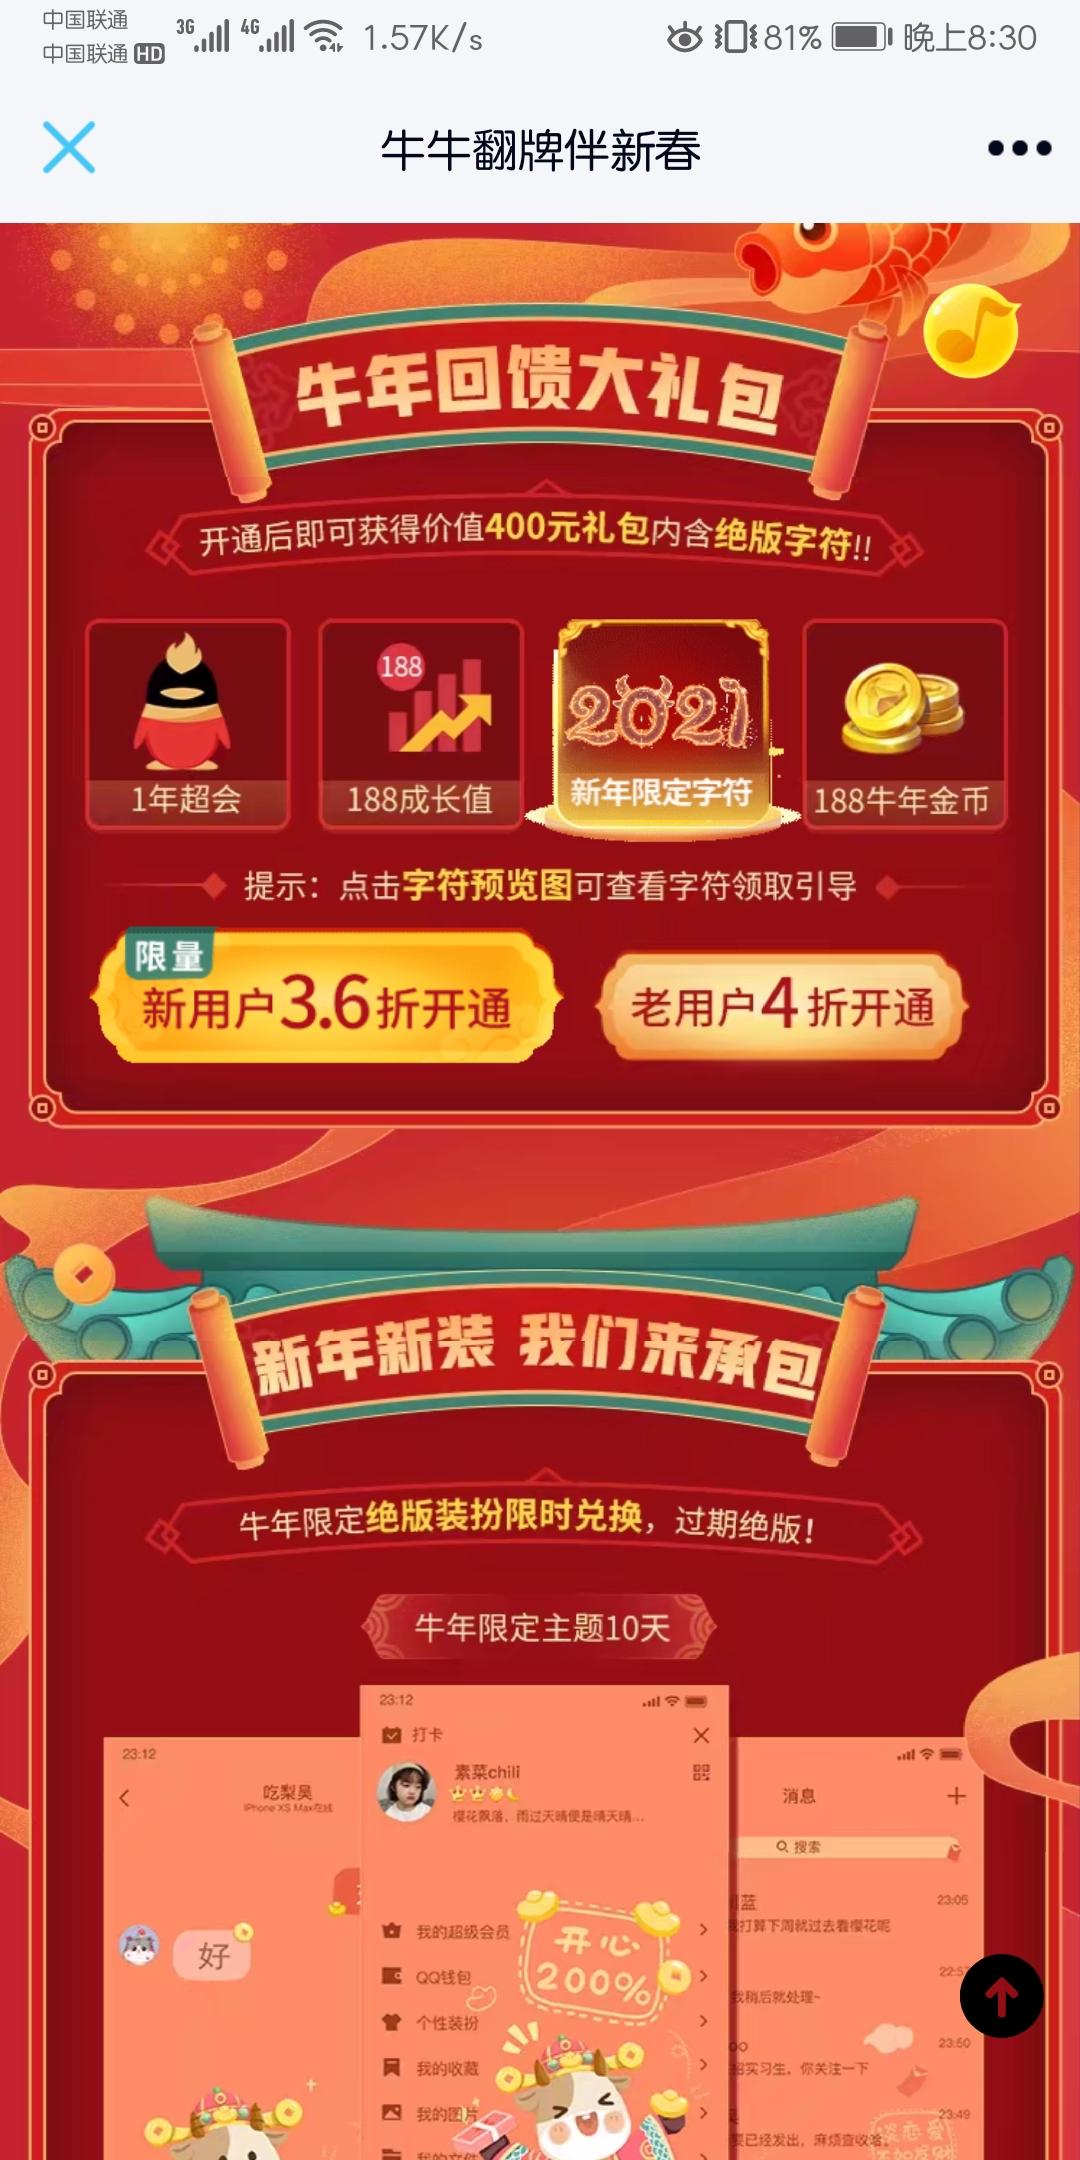 最低只需139元,即可购买1年QQ超级会员!